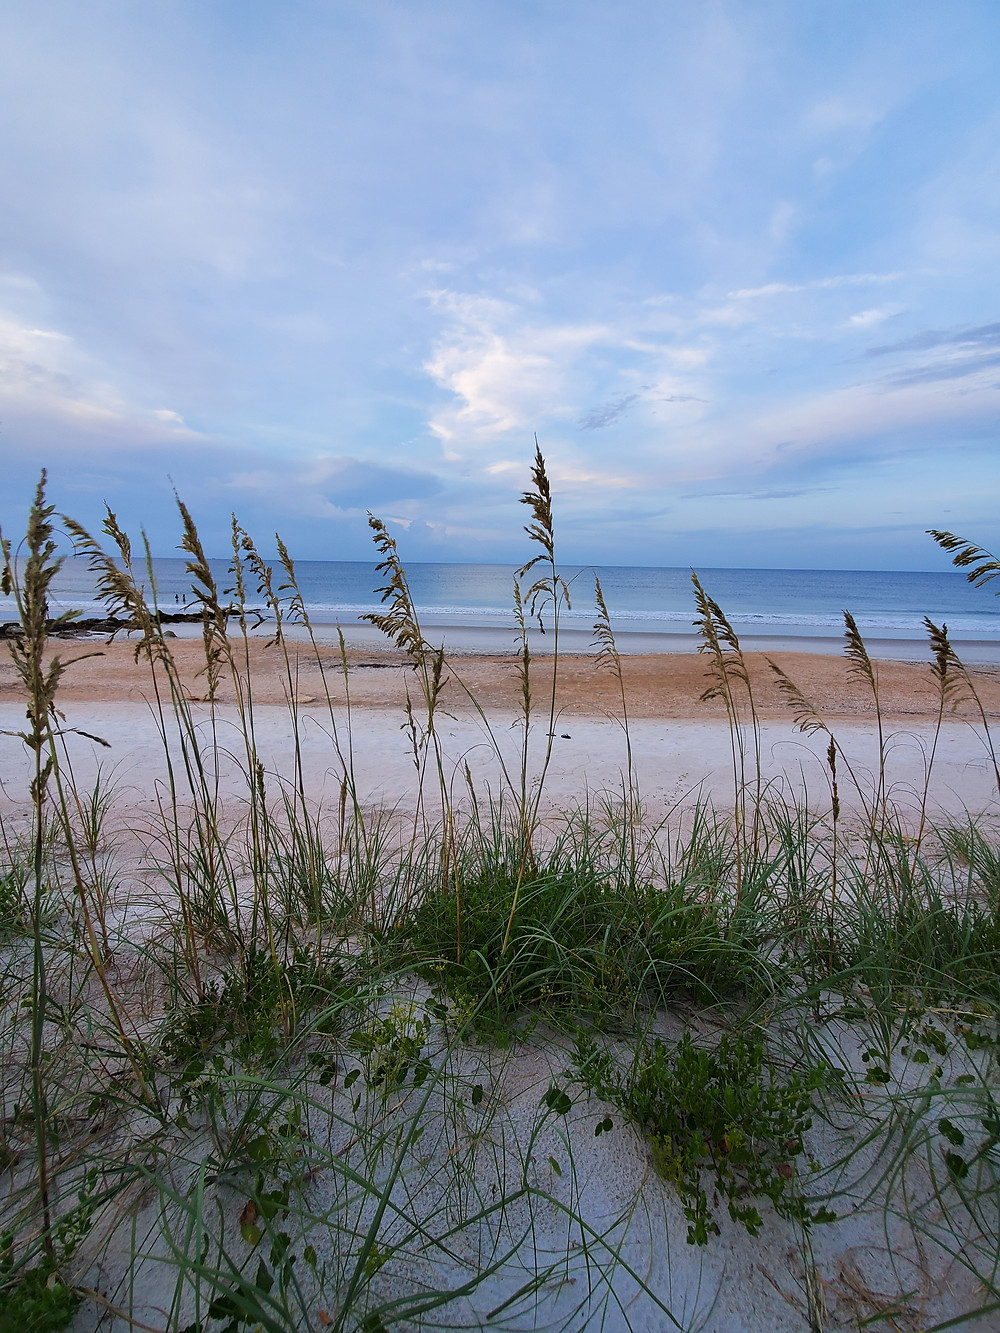 Photo near Saint Augustine, Florida by Nayana Sen